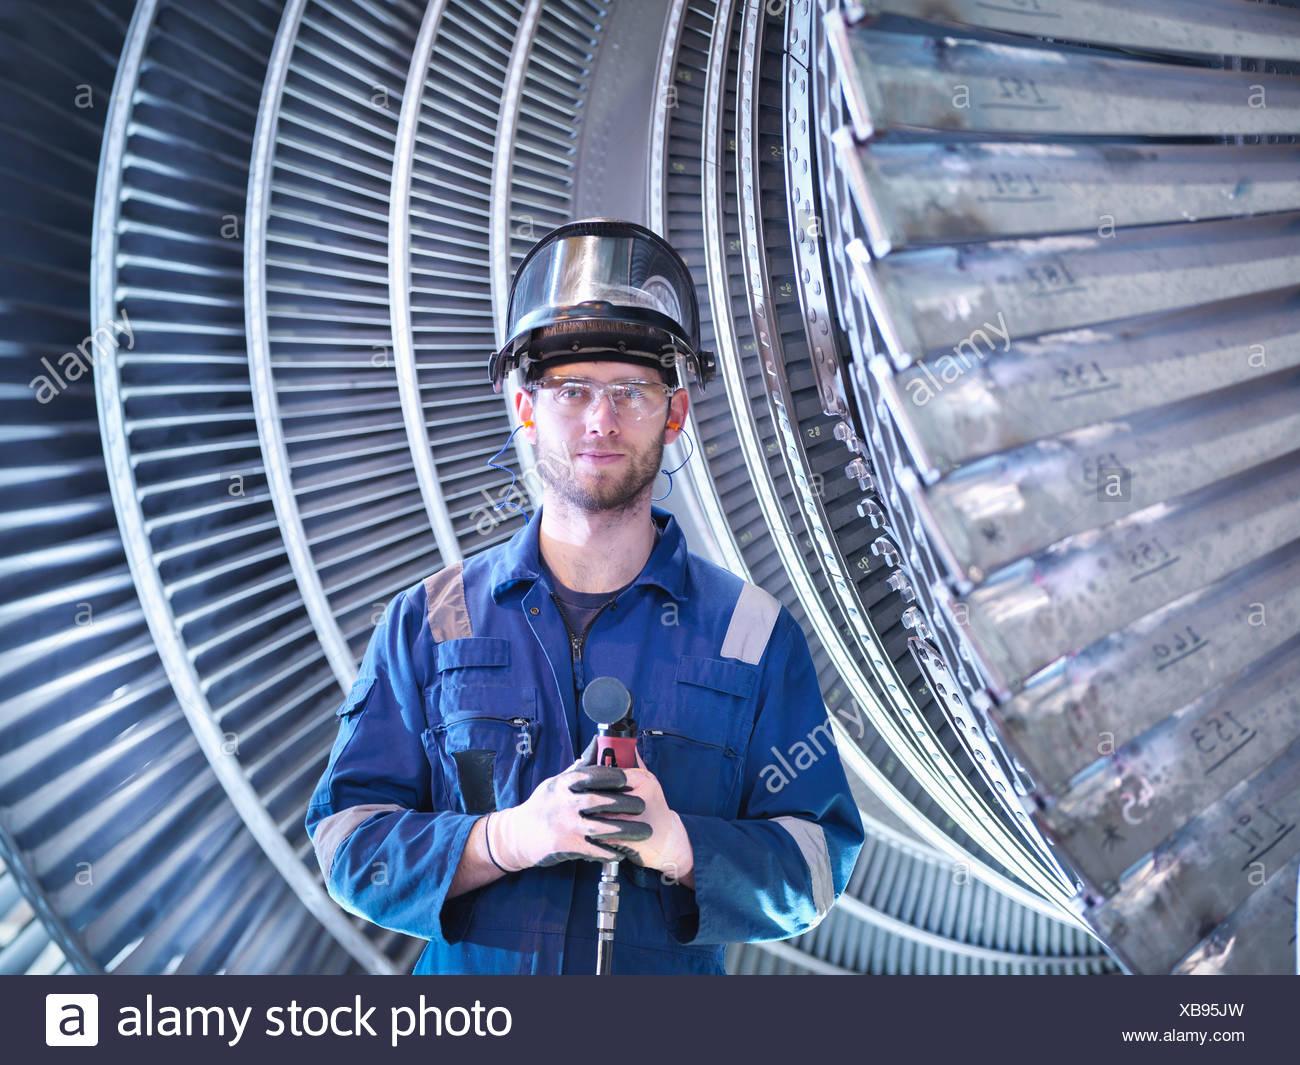 Portrait of apprentice engineer in steam turbine repair workshop - Stock Image